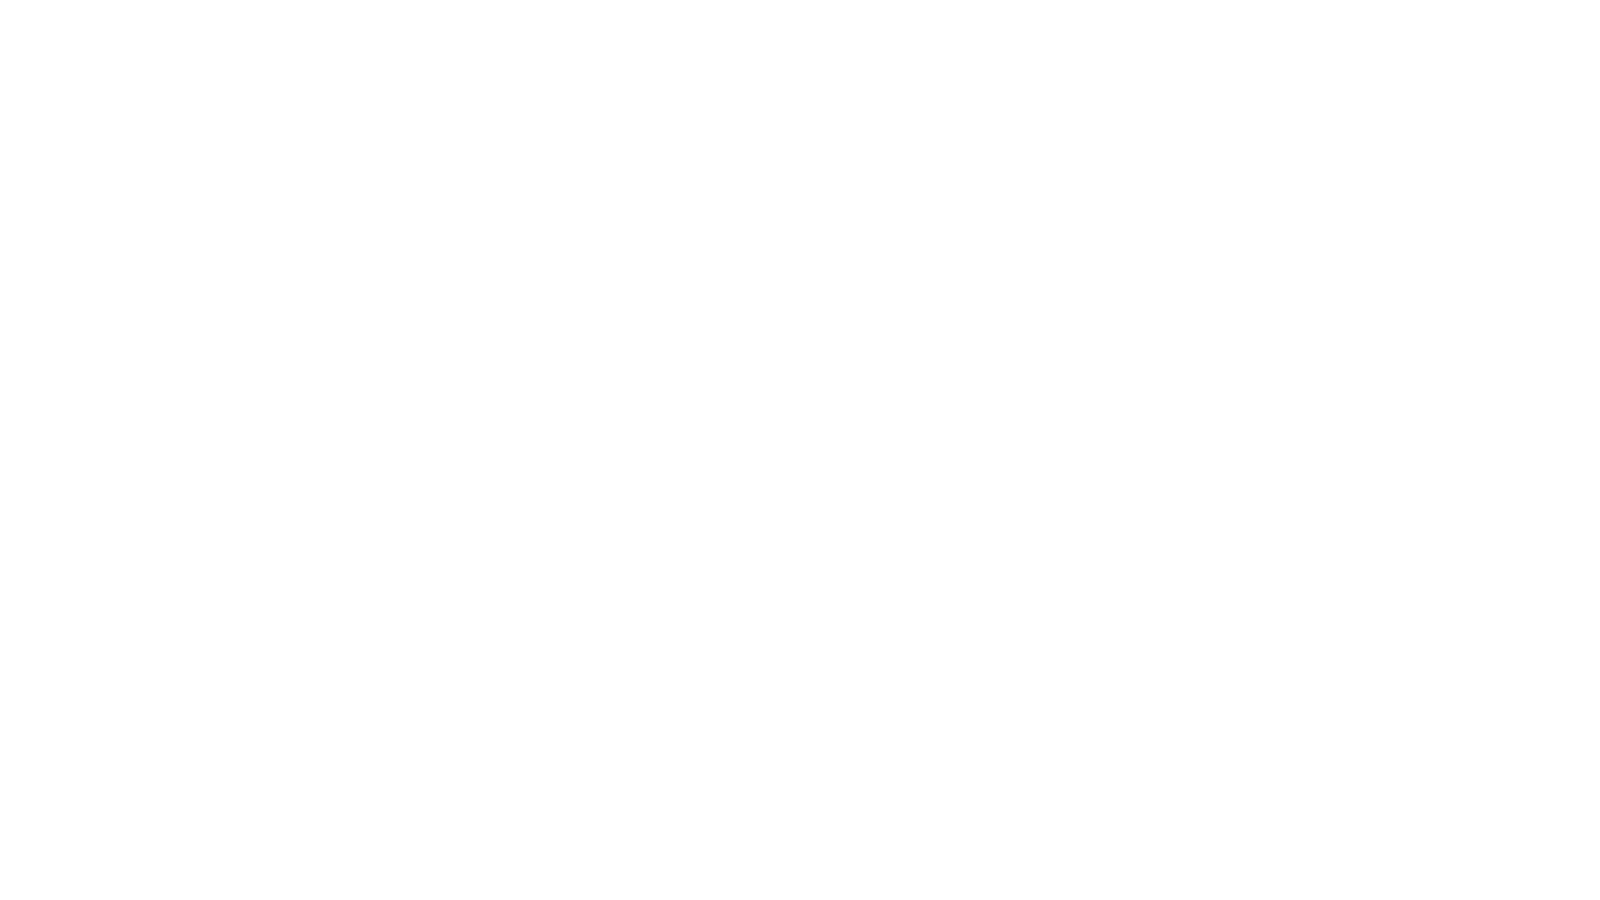 Автотехцентр Сокольники  https://atc-sokolniki.ru/  Кузовной и слесарный ремонт любой сложности!  Ждем вас ежедневно с 10-00 до 21-00 Москва, Олений Вал 7, стр 10. #автосервис #Сокольники #ремонтавто #диагностикаавтомобиля #ремонтавтомобиля #москва #автосервисы #автосервисмосква #кузовнойремонт #кузовнойремонтмосква #стапель #слесарныйремонт #тонировка #покраскаавто#полировка #полировкаавто #автокосметика  Мы в соцсетях: https://www.instagram.com/tehsokolniki/ https://vk.com/sokolnikiauto https://www.facebook.com/atsokolniki/ https://ok.ru/group/54494725668931 Сайт:  https://atc-sokolniki.ru/